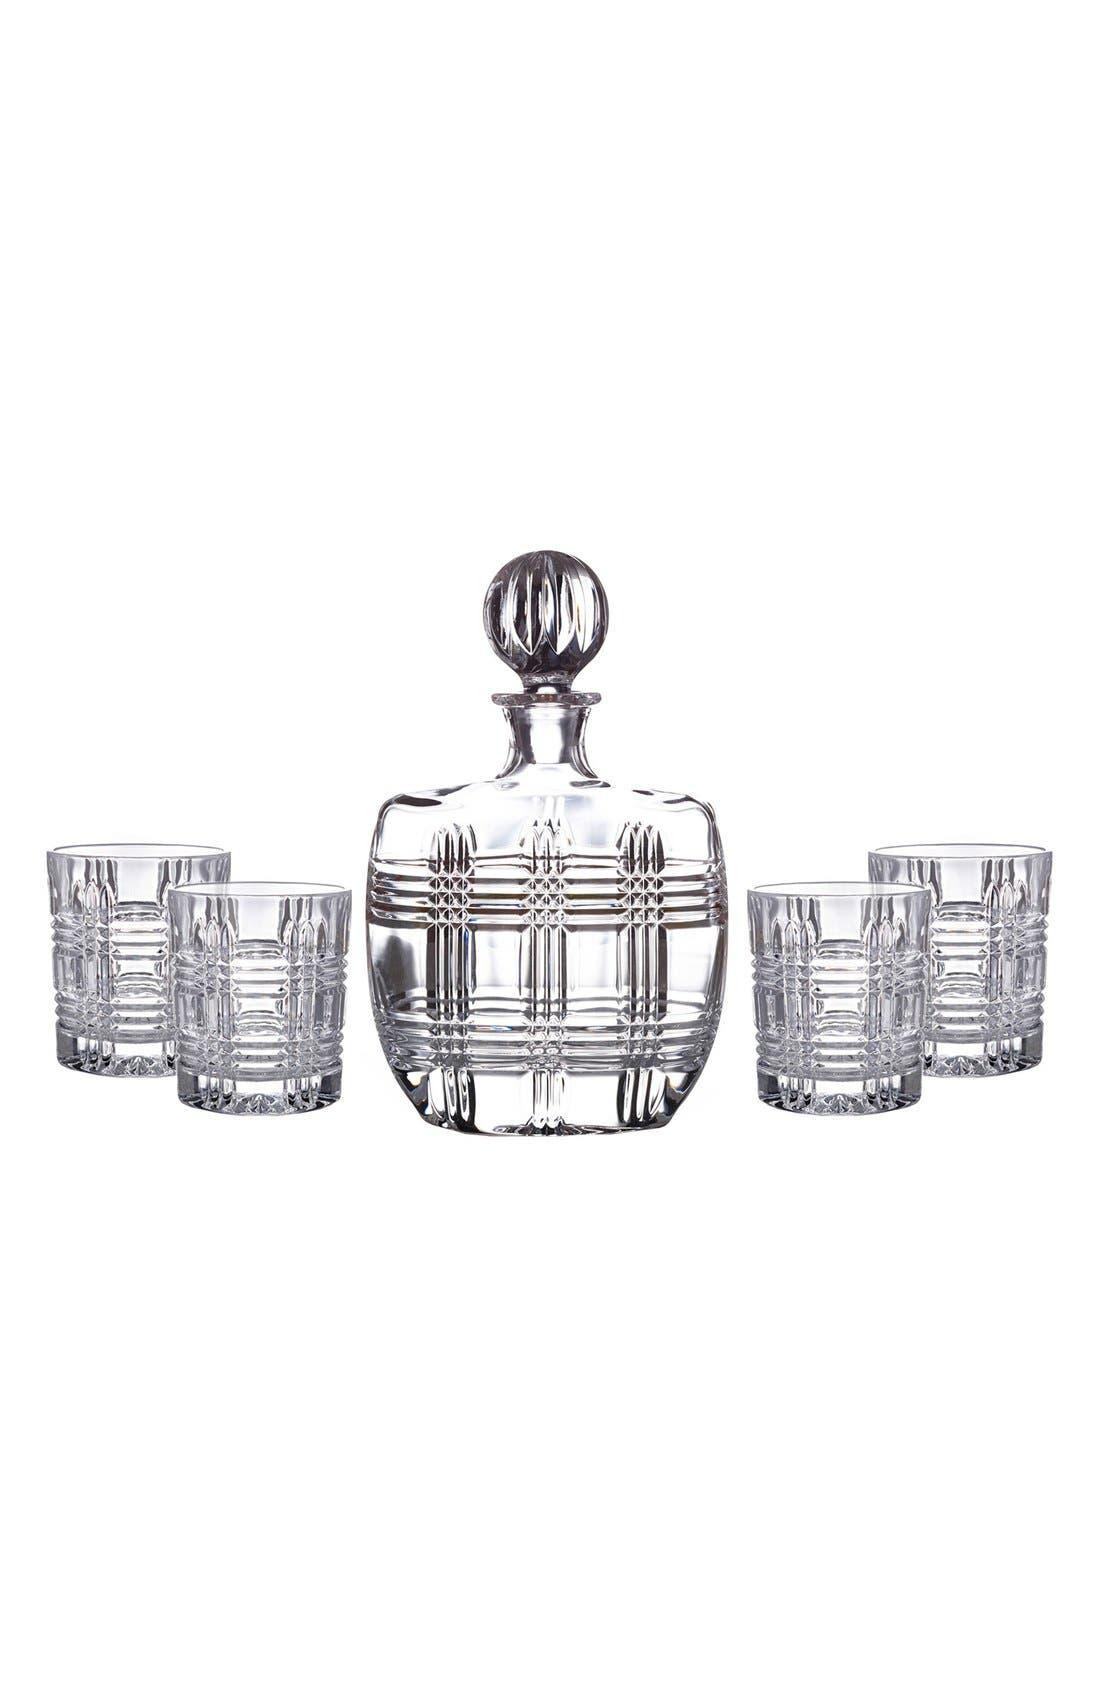 Bridgeport 5-Piece Decanter & Whiskey Glasses Set,                             Main thumbnail 1, color,                             100